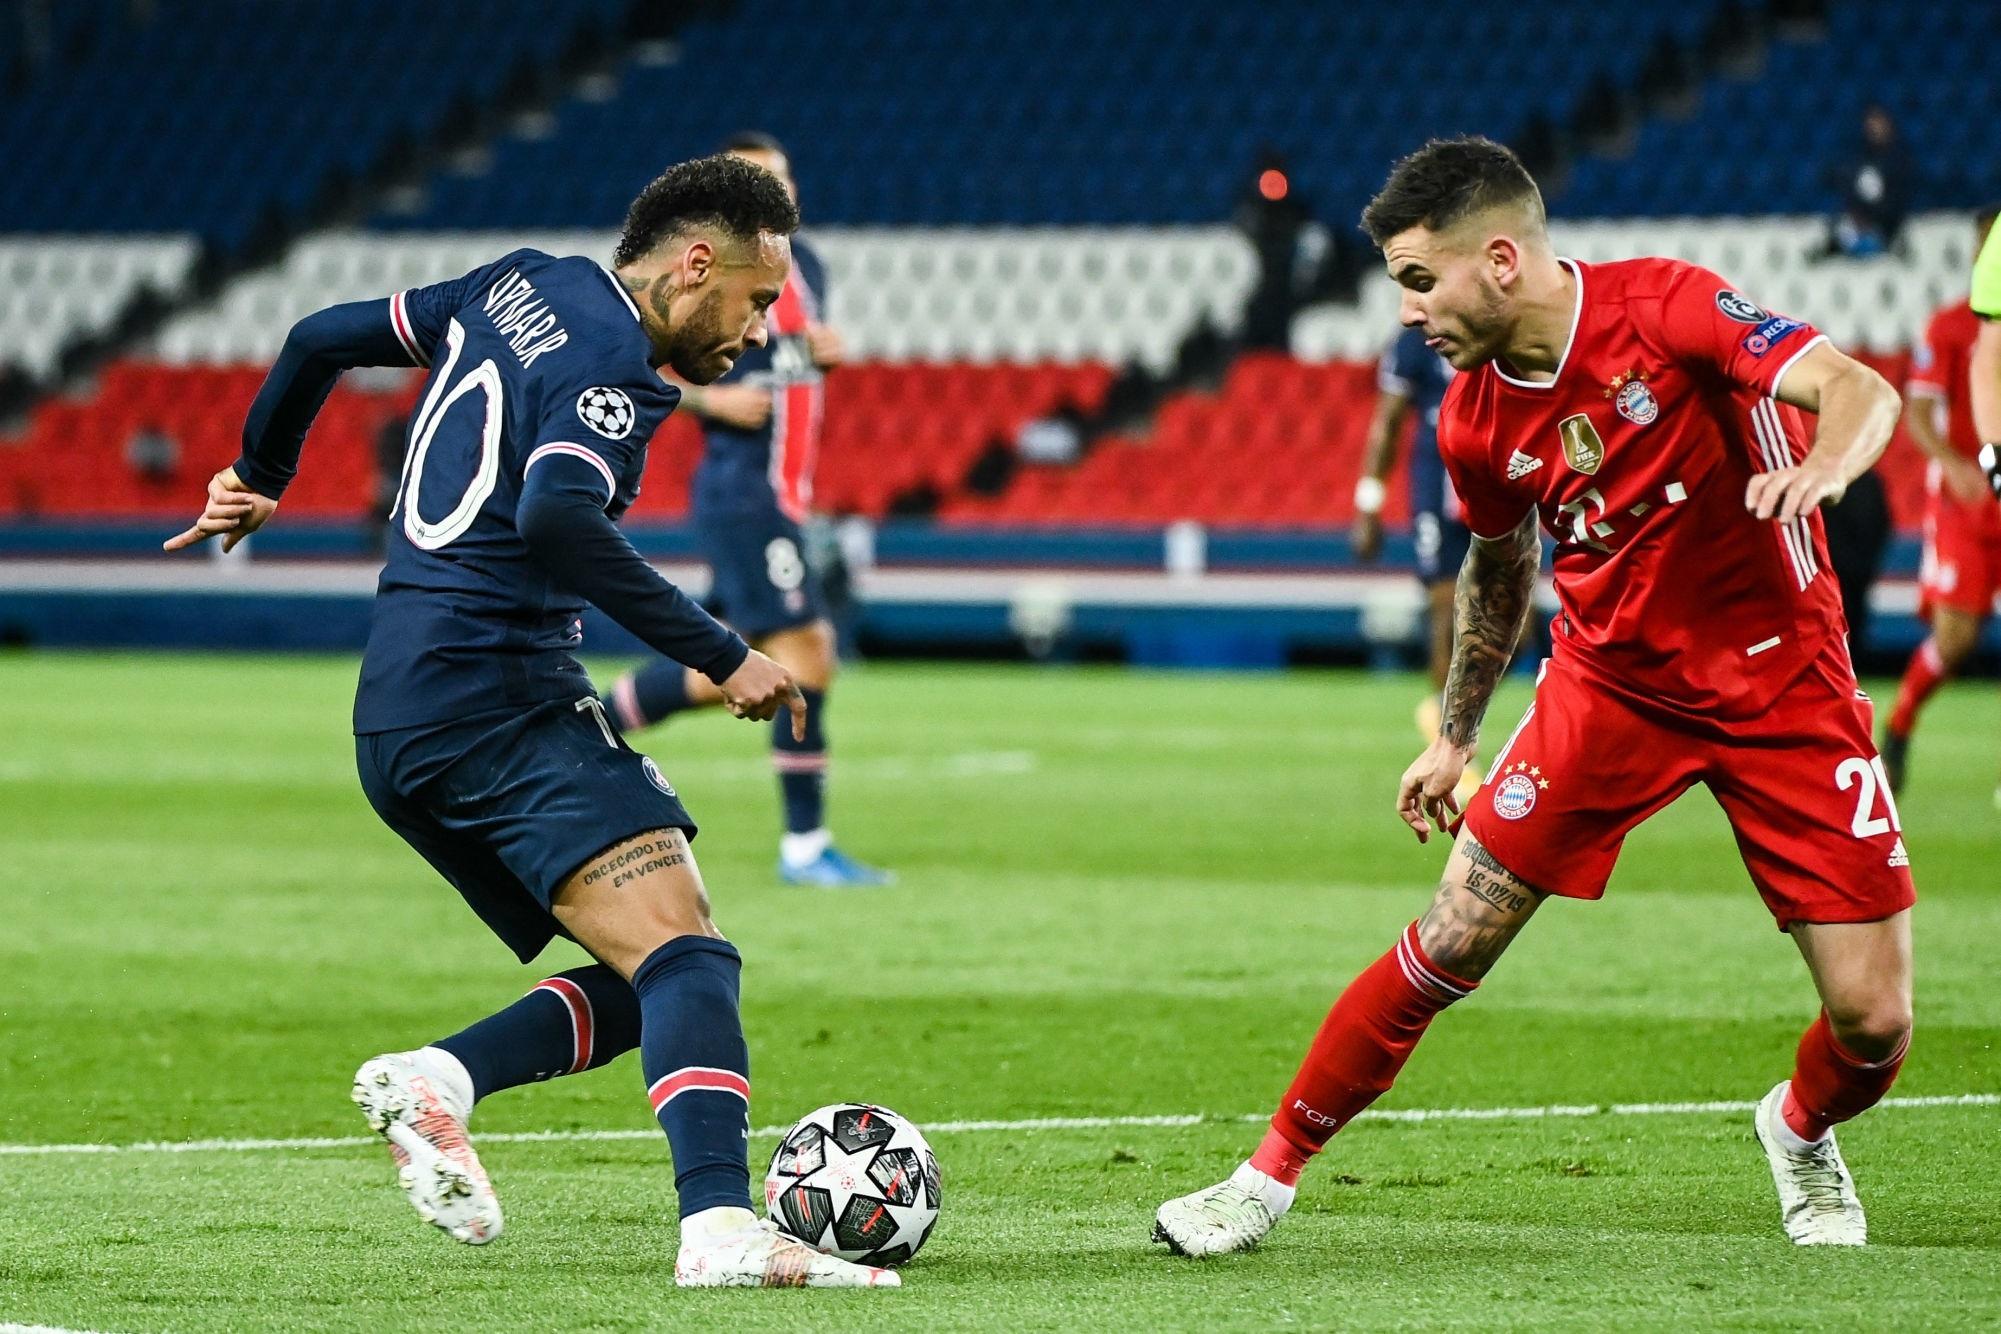 PSG/Manchester City - Rothen souligne l'importance de Neymar dans cette demi-finale